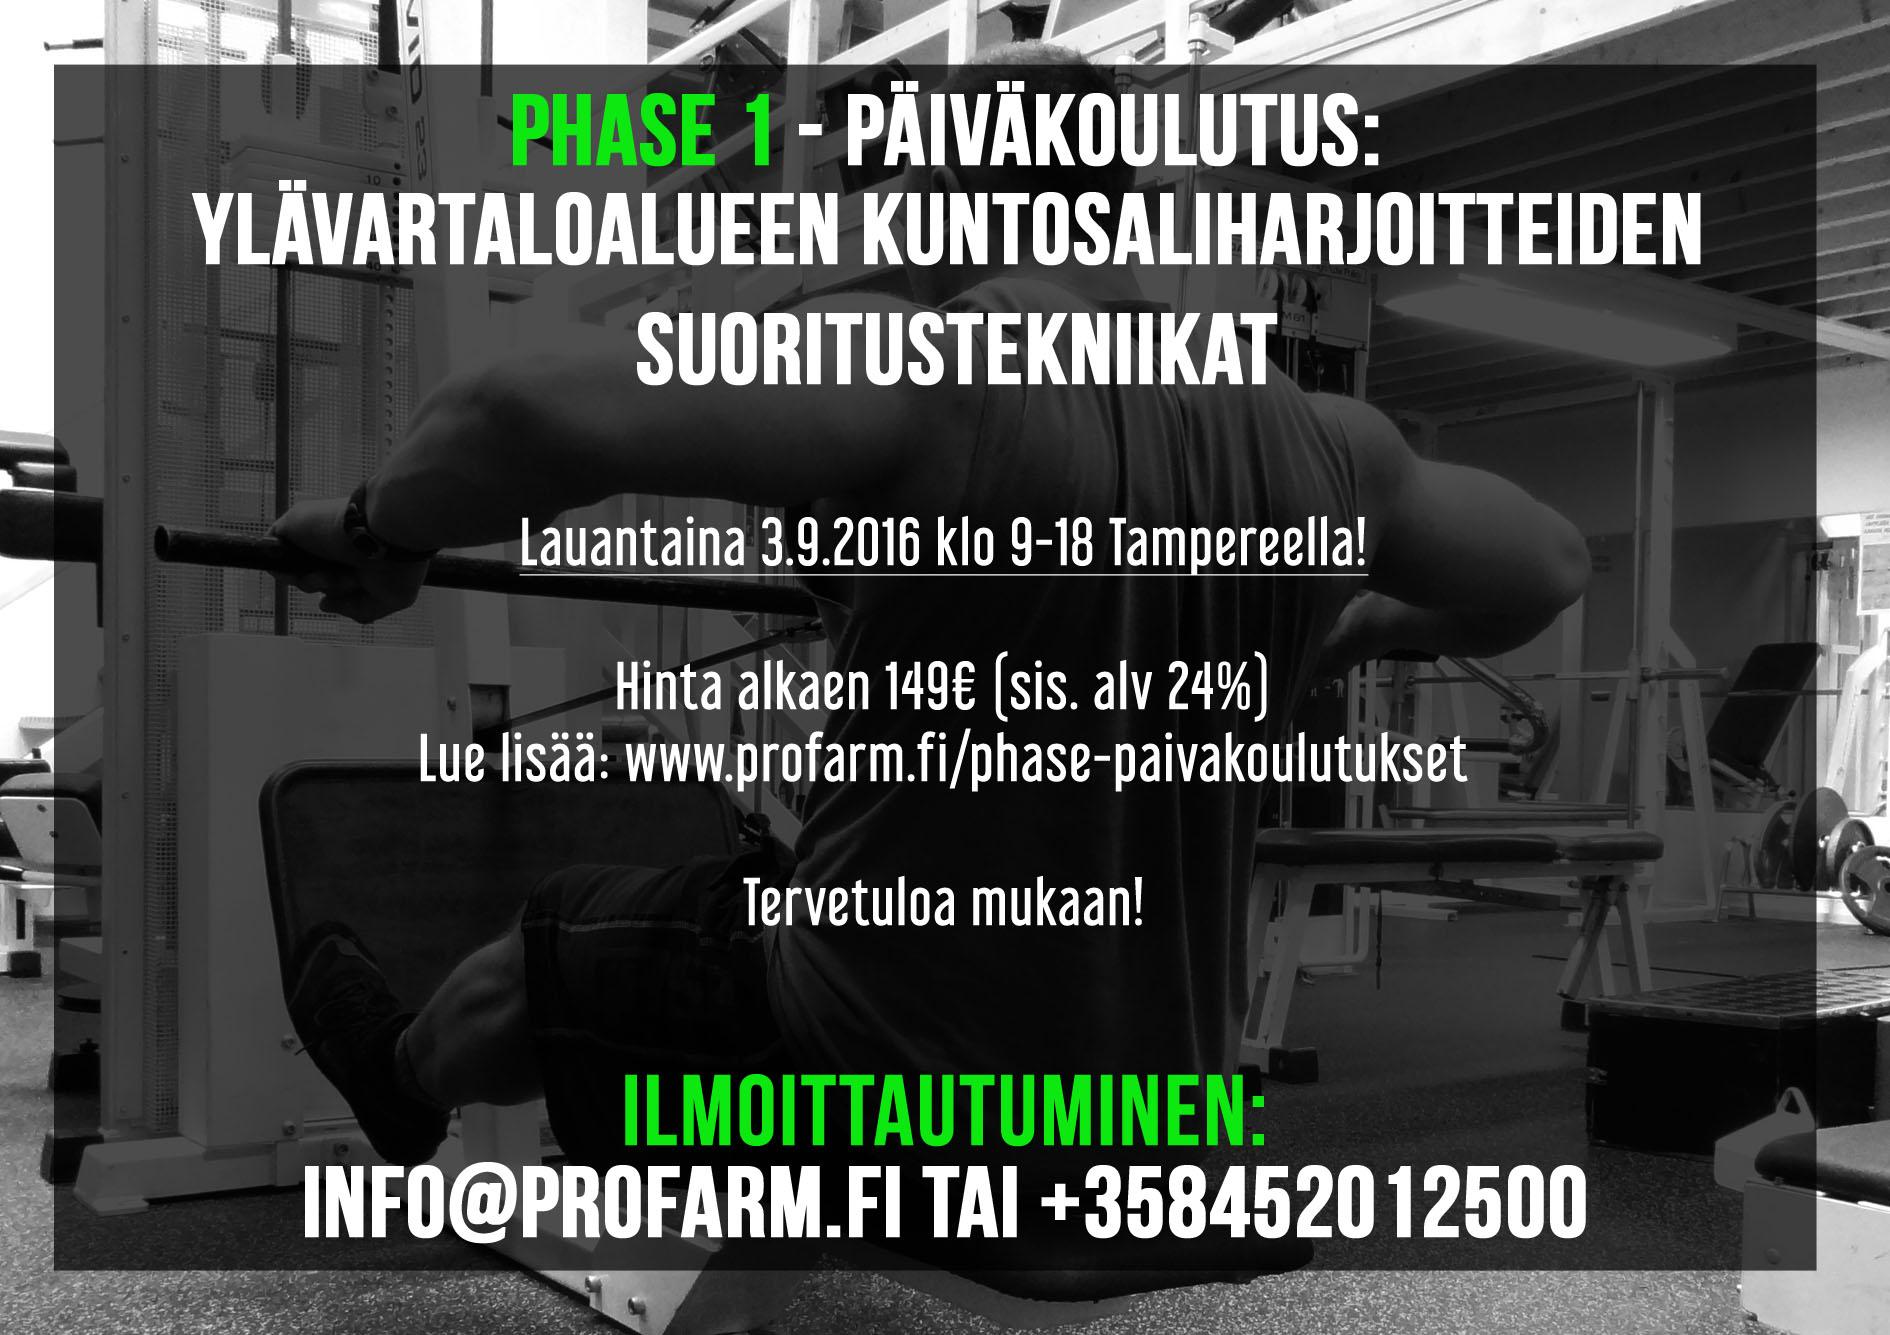 Kuntosaliharjoitteiden koulutus Tampereella (sisältää mm. kulmasoudun suoritustekniikan)